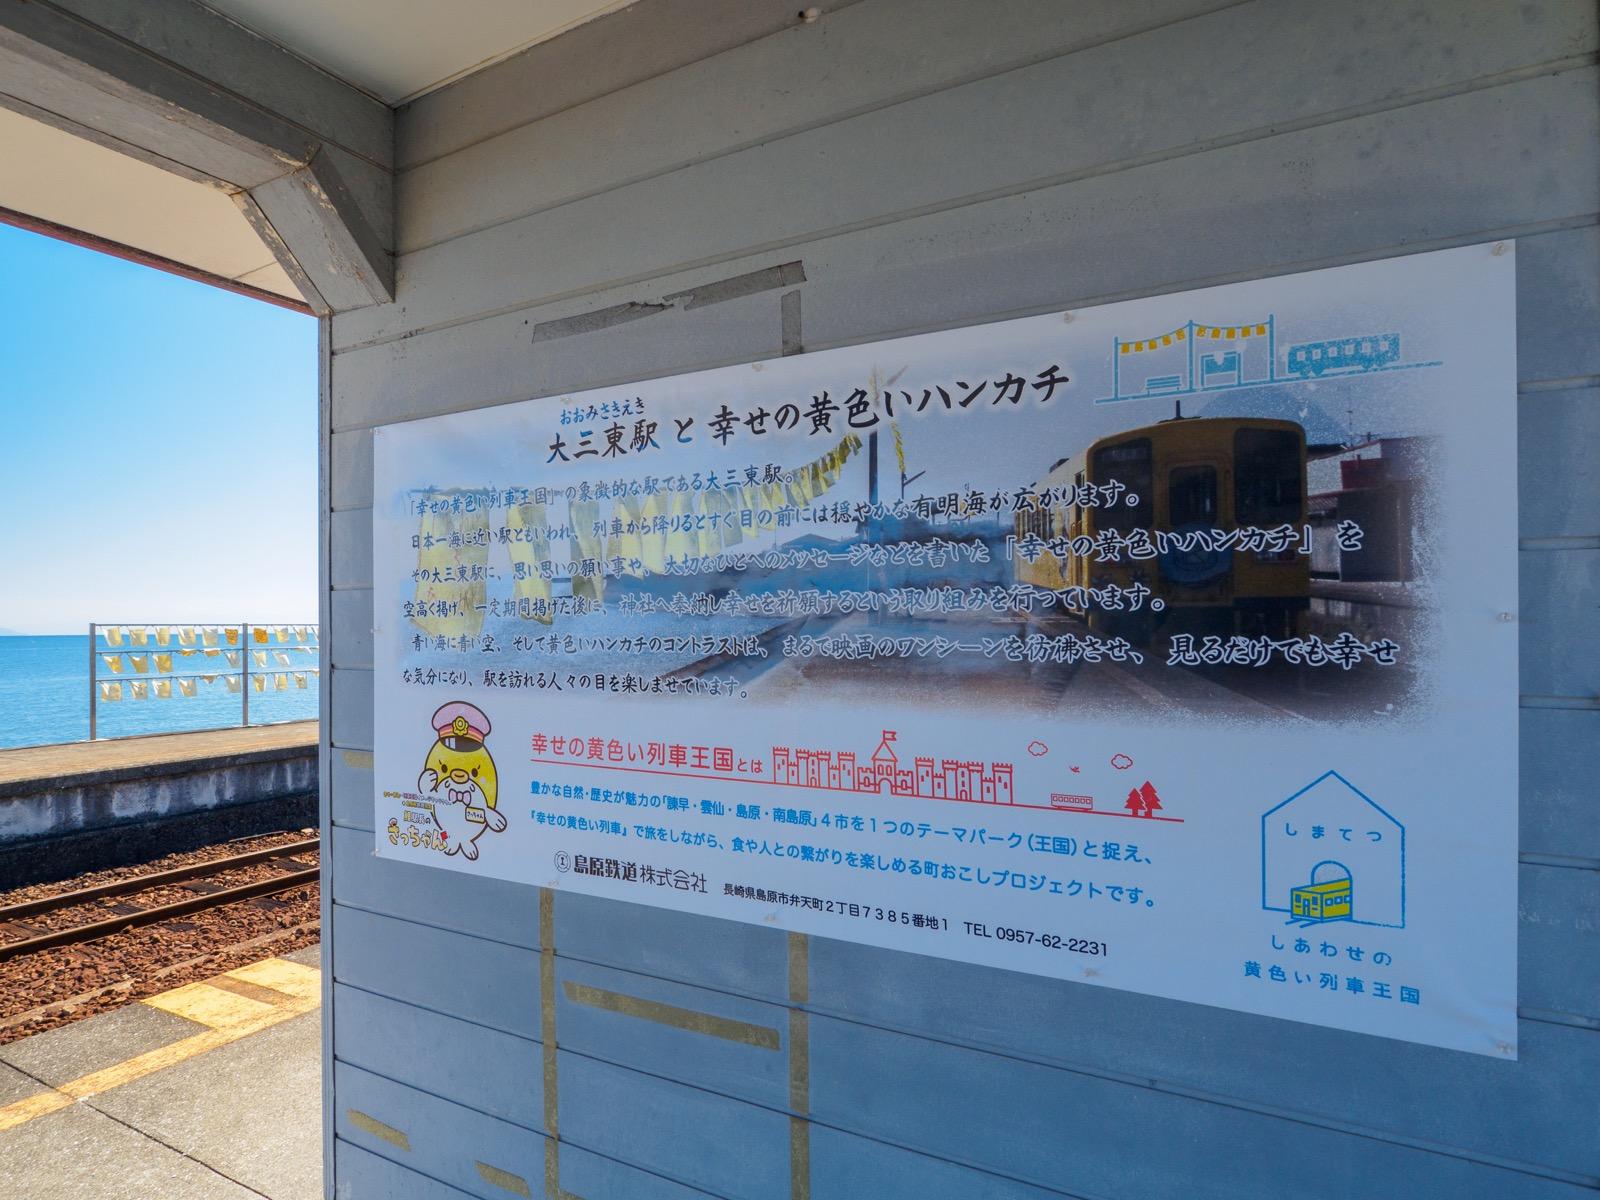 大三東駅にある「大三東駅と幸福の黄色いハンカチ」のポスター